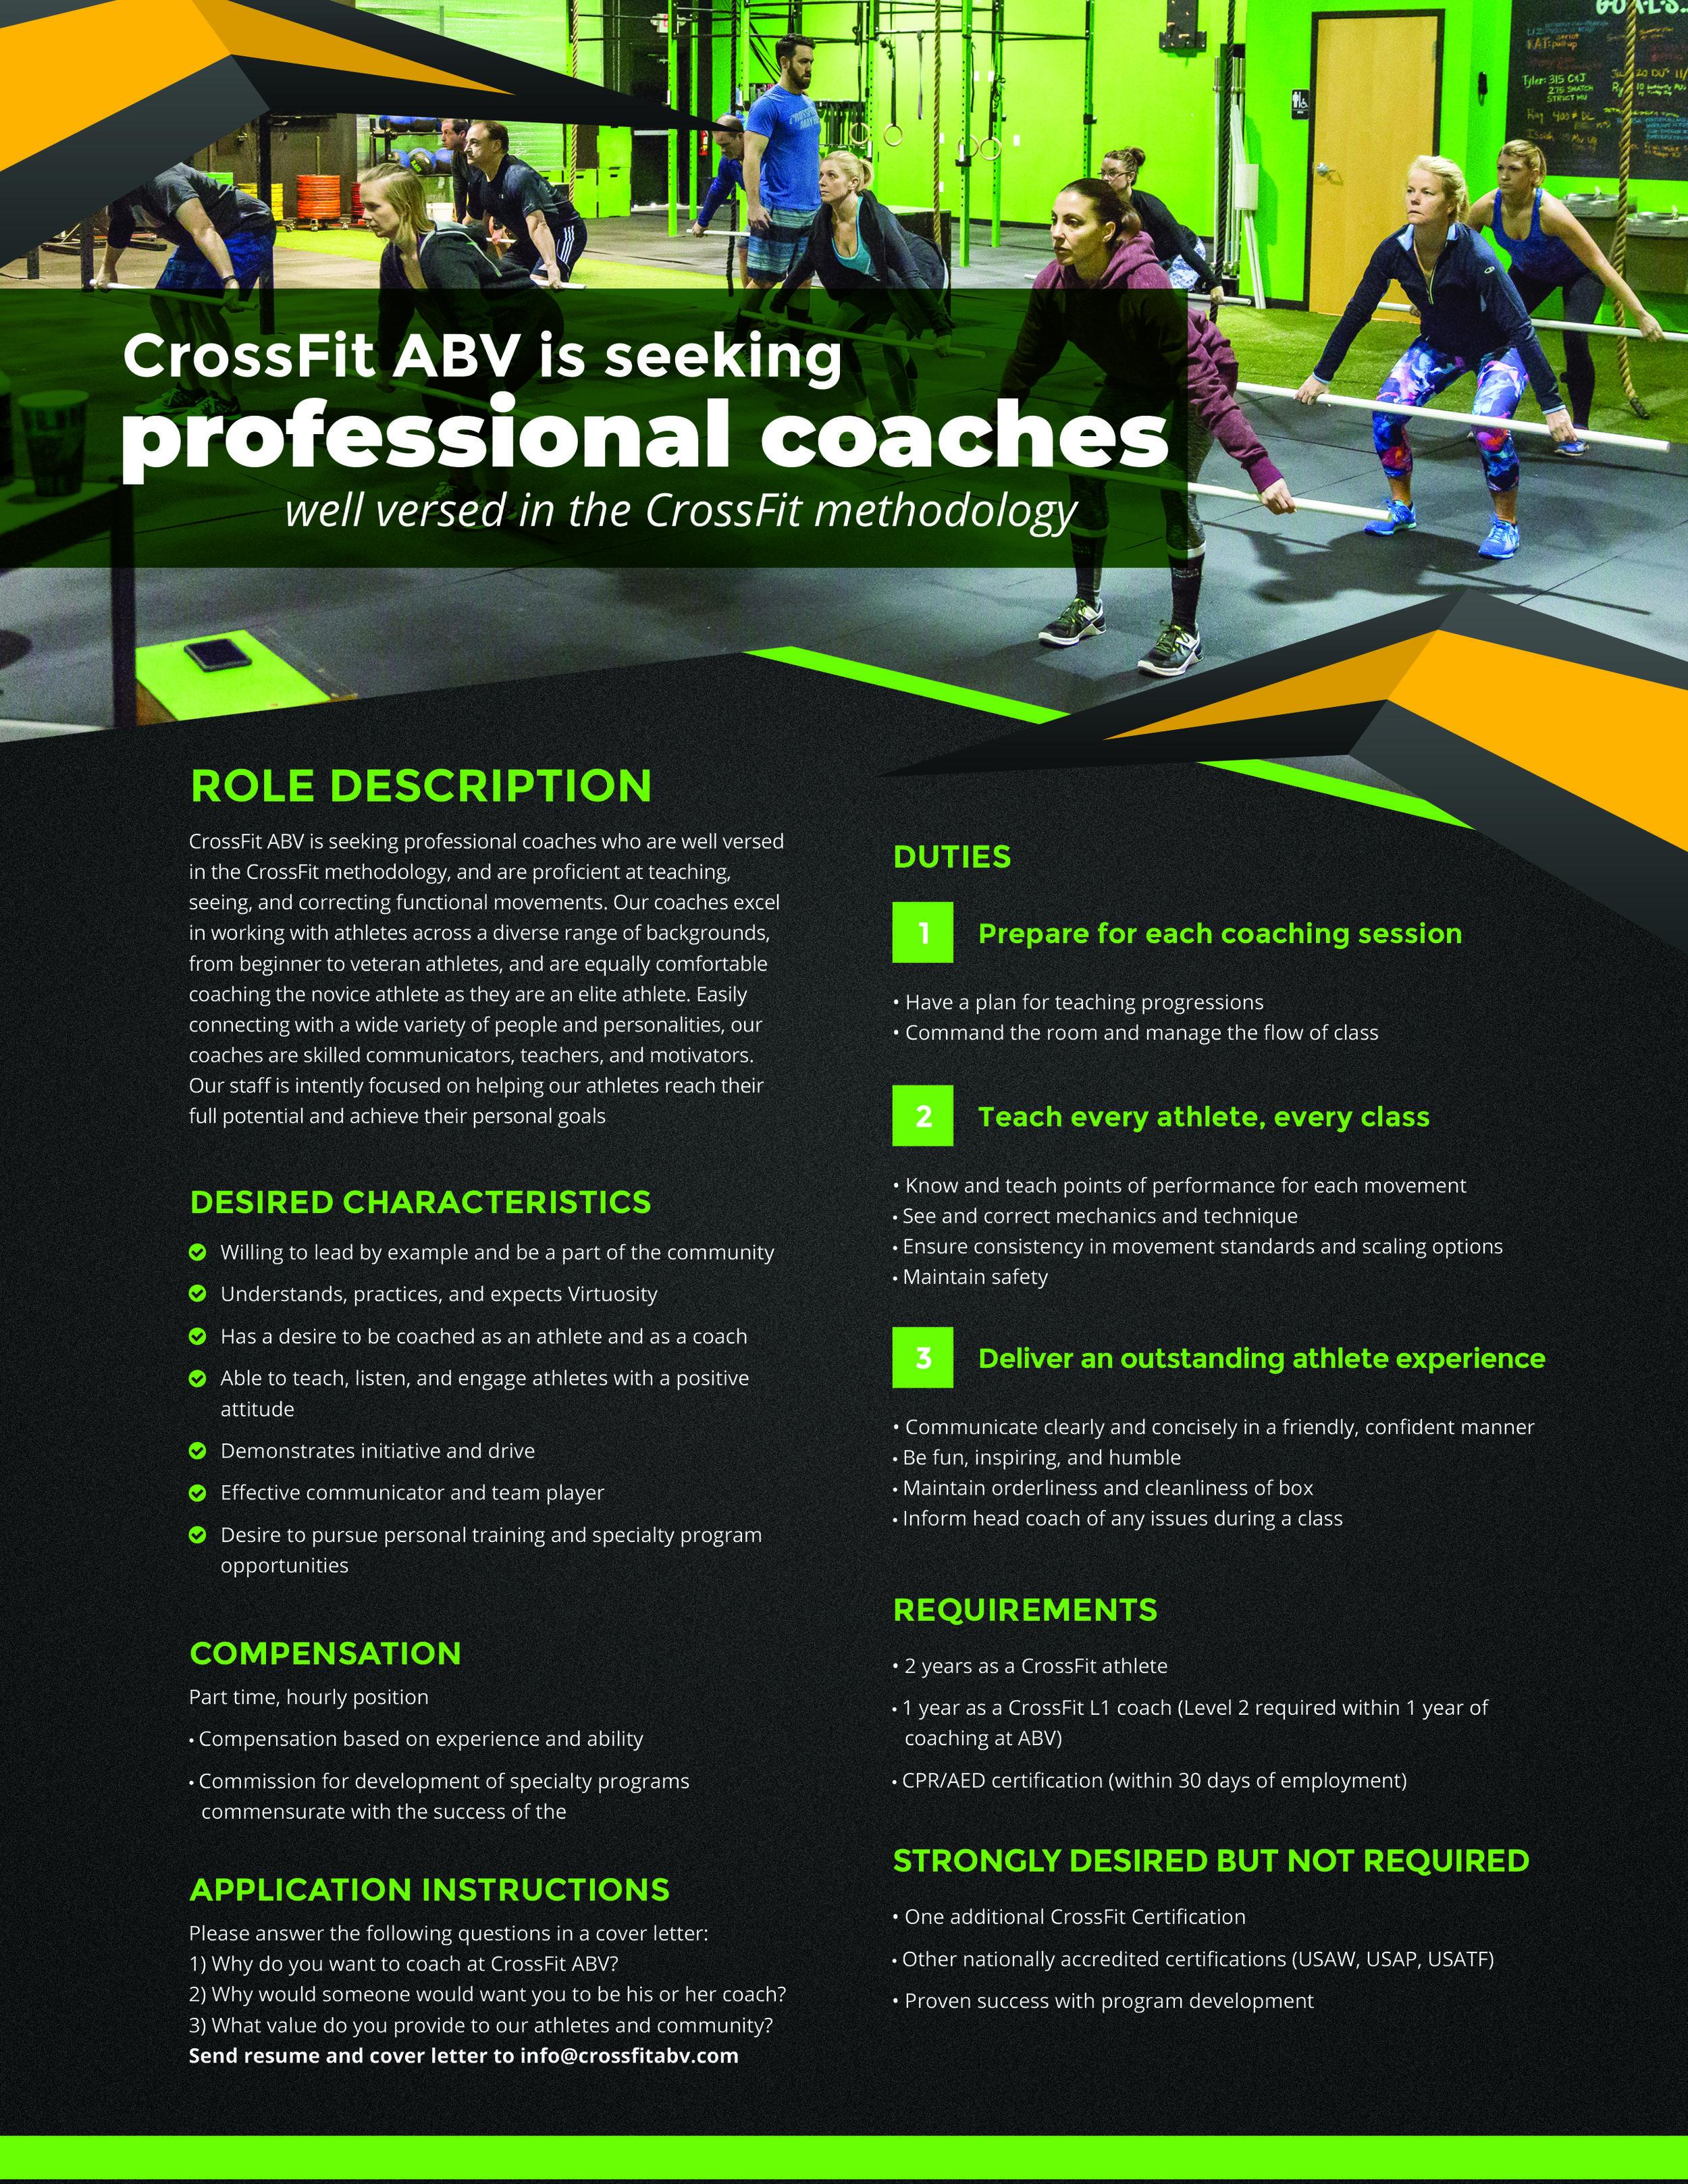 CrossFit ABV Flyer.jpg